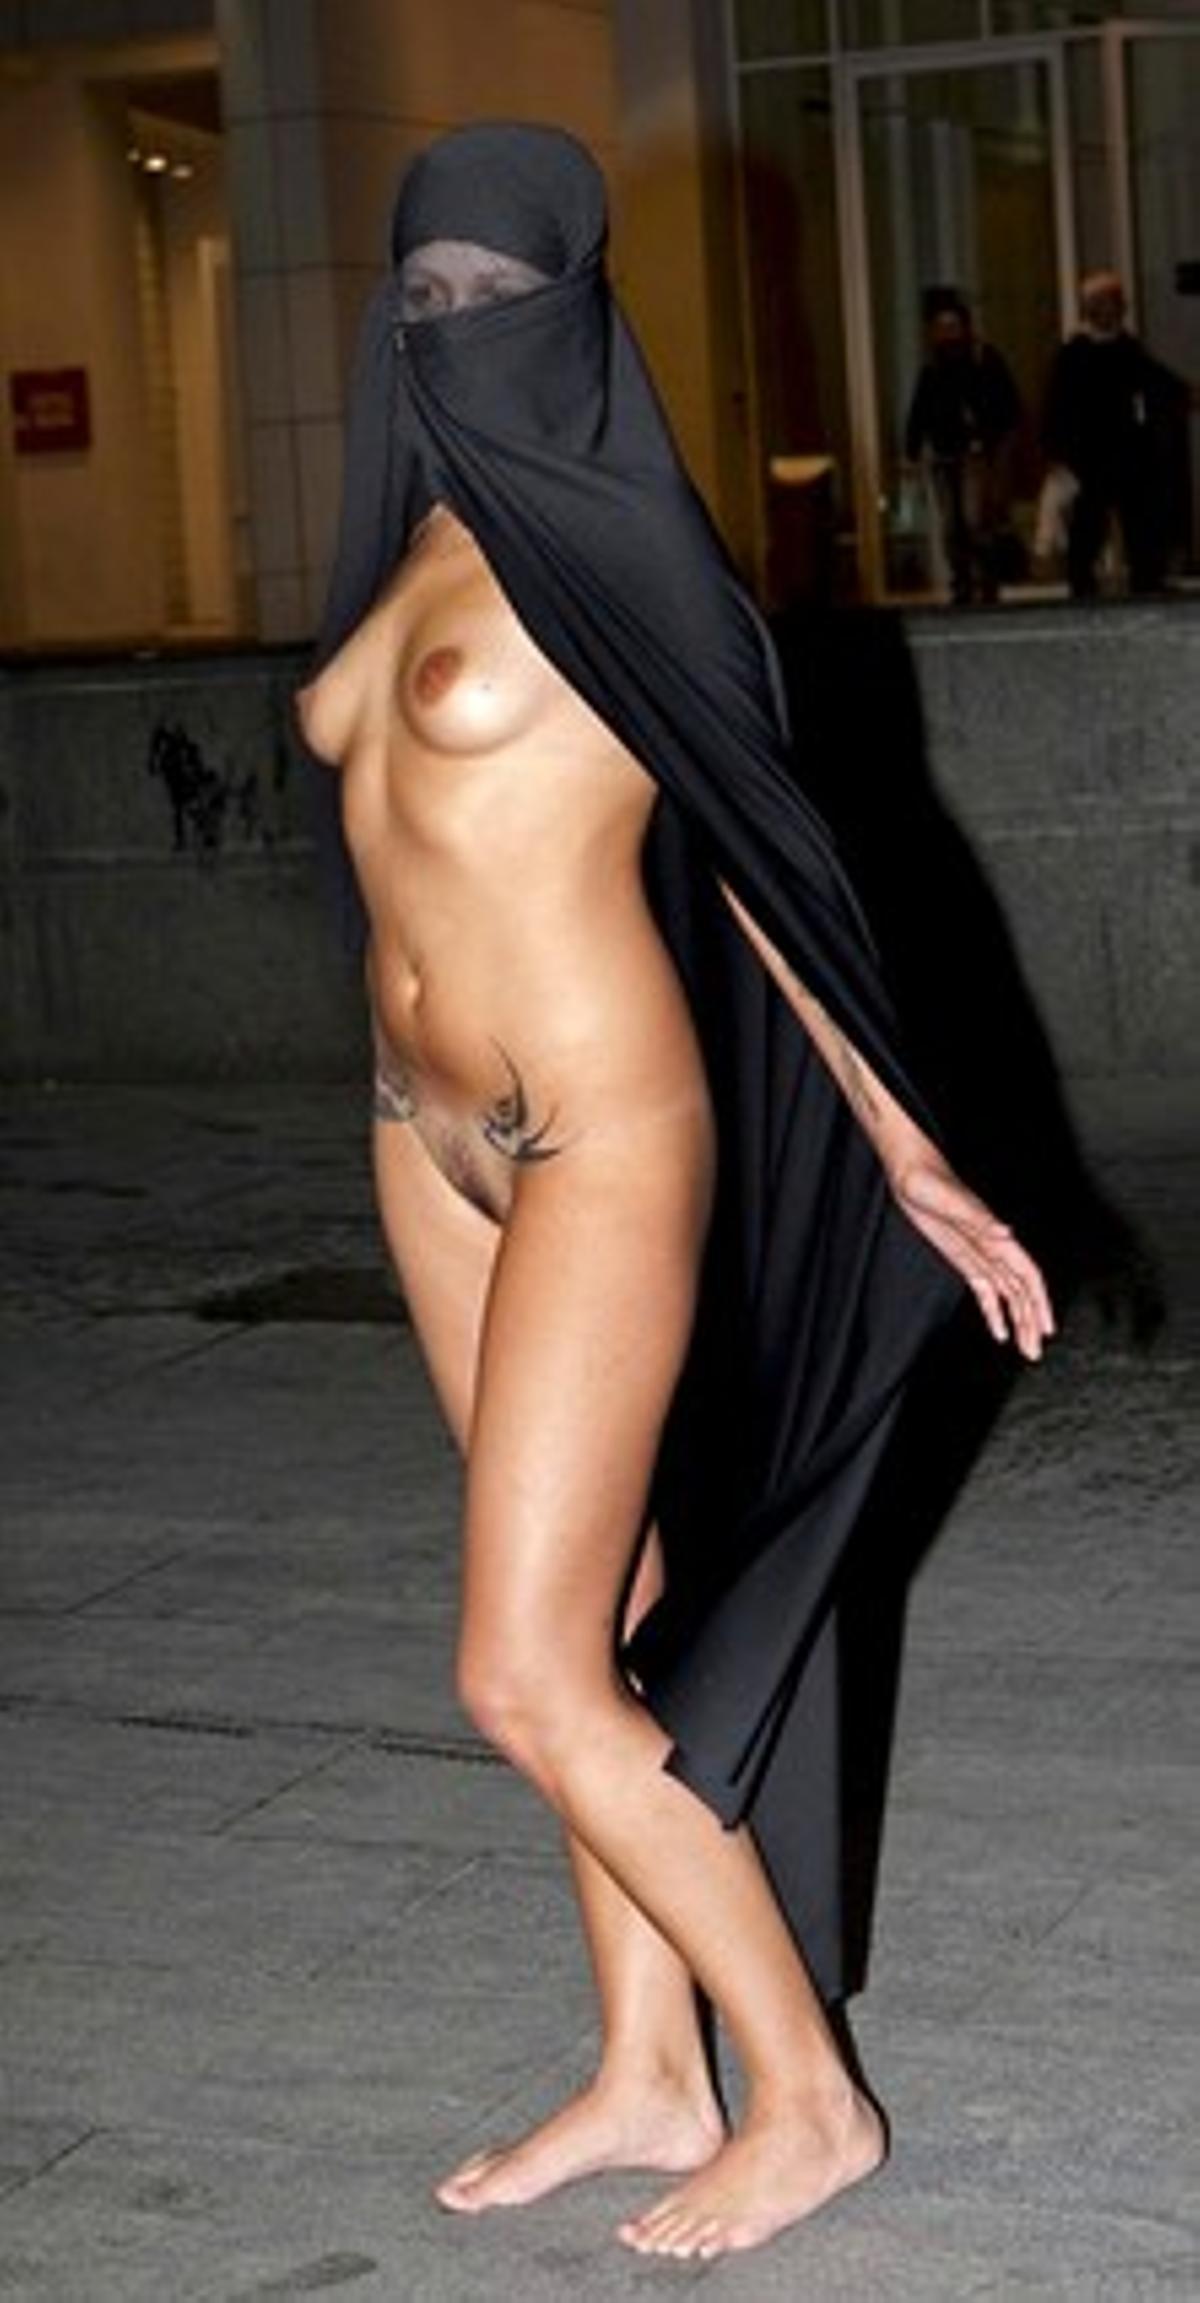 La joven que ha protagonizado la 'performance' cubierta únicamente con un burka, esta tarde, en Barcelona.